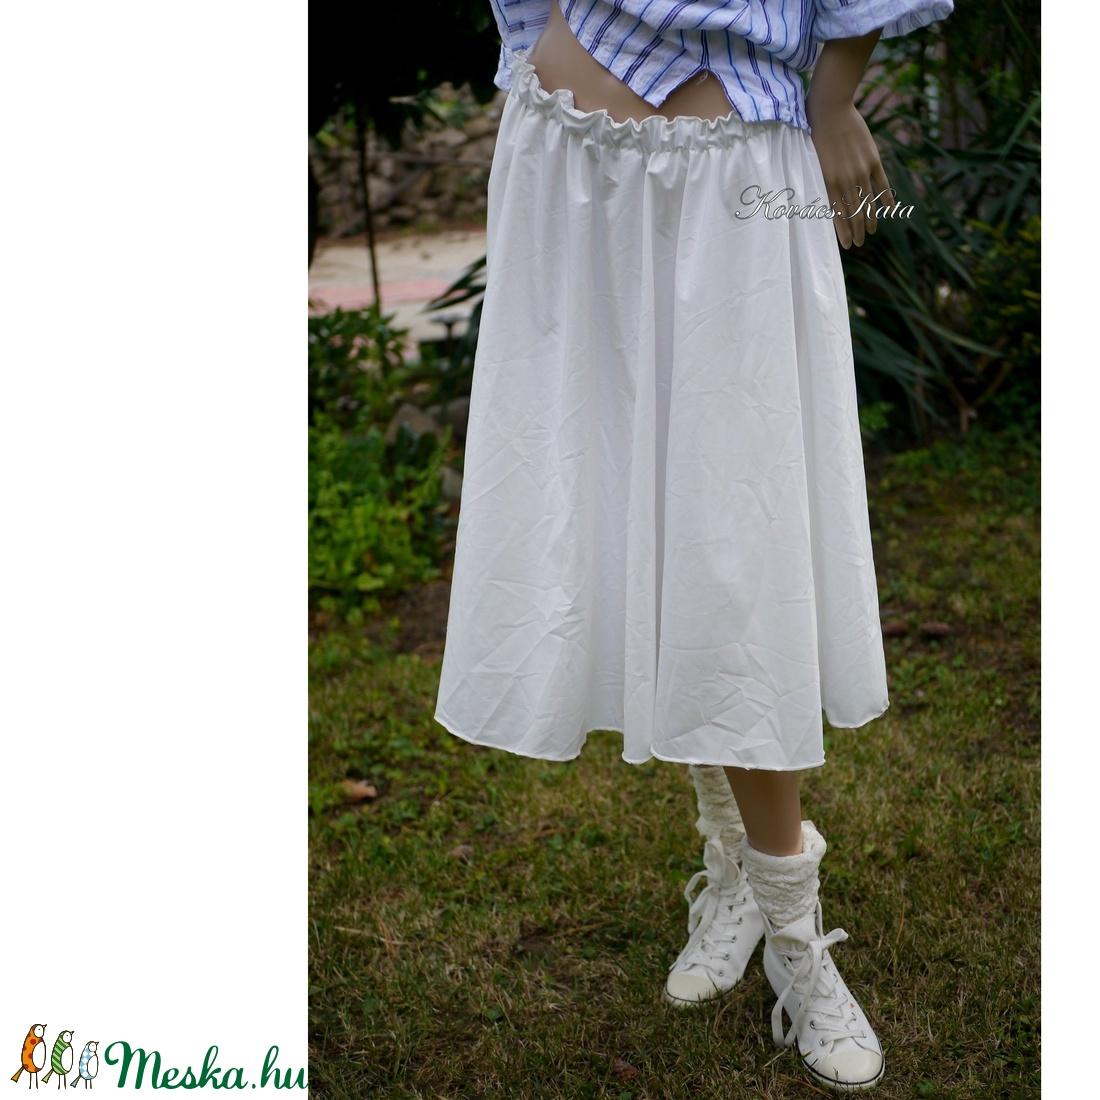 GLOKNIS selyemszoknya, alsószoknya - ruha & divat - női ruha - szoknya - Meska.hu